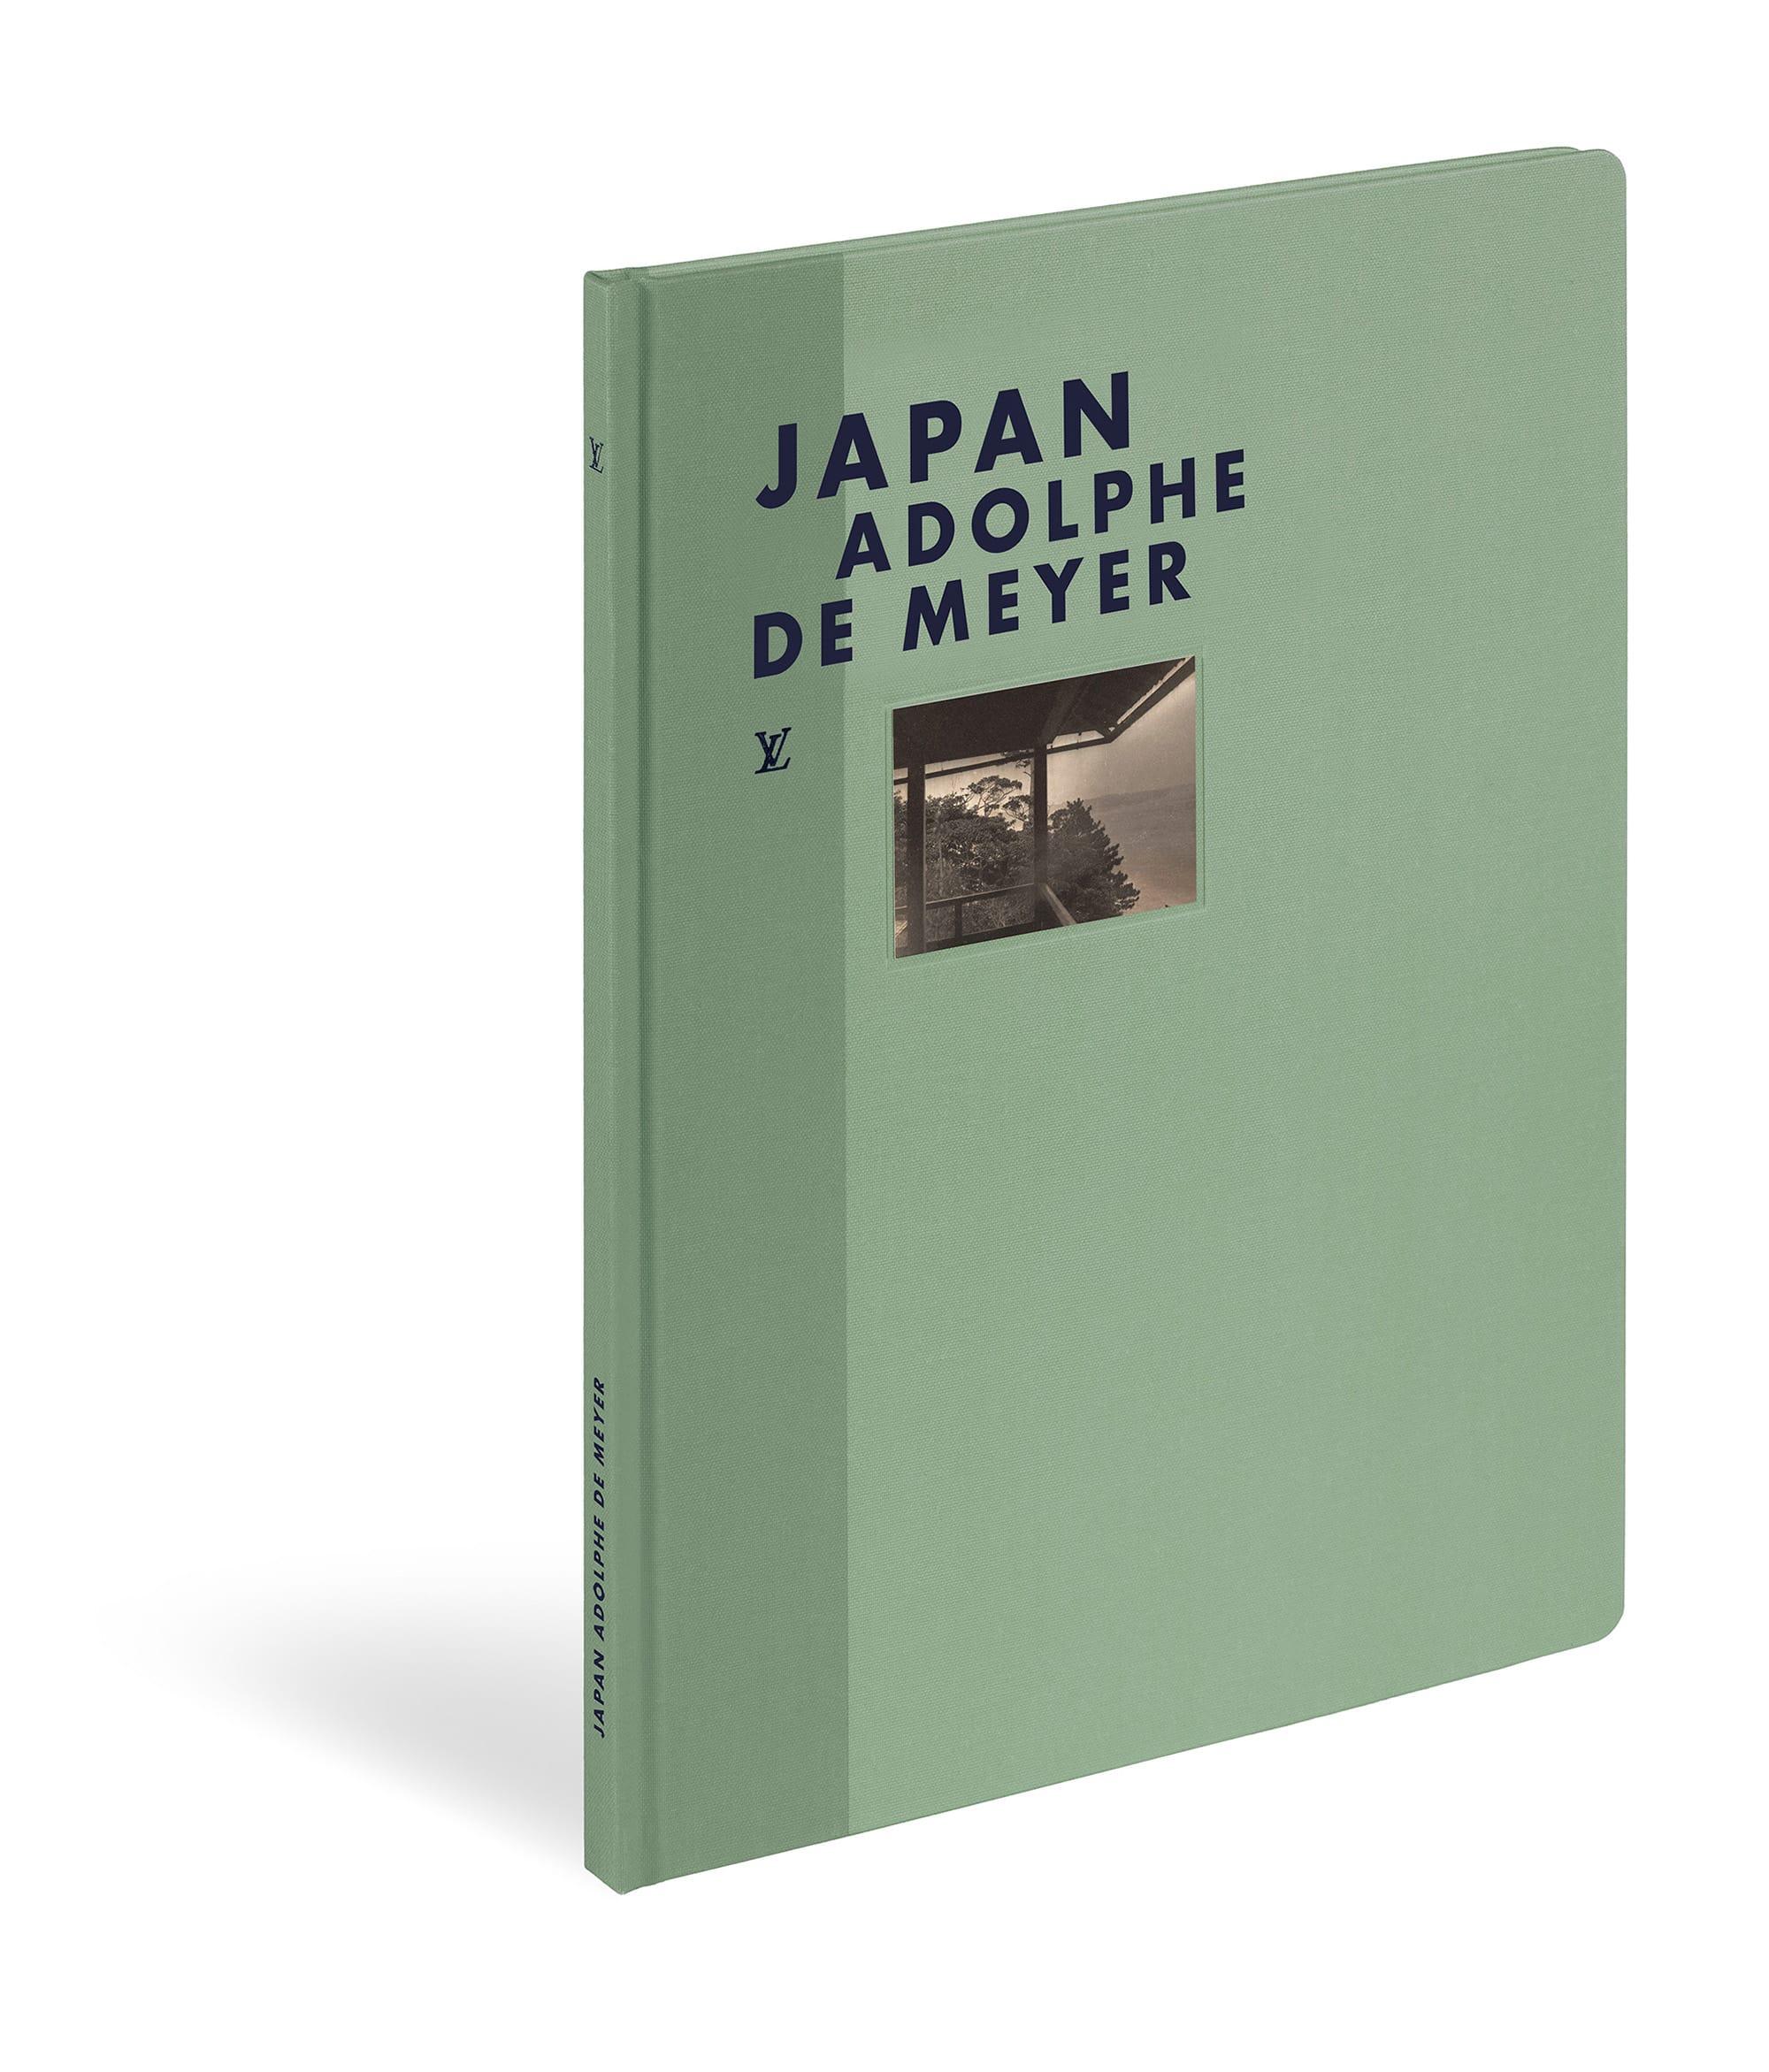 ファッション写真の第一人者、アドルフ・ド・メイヤーの作品からセレクトした「ファッション・アイ ジャパン」。